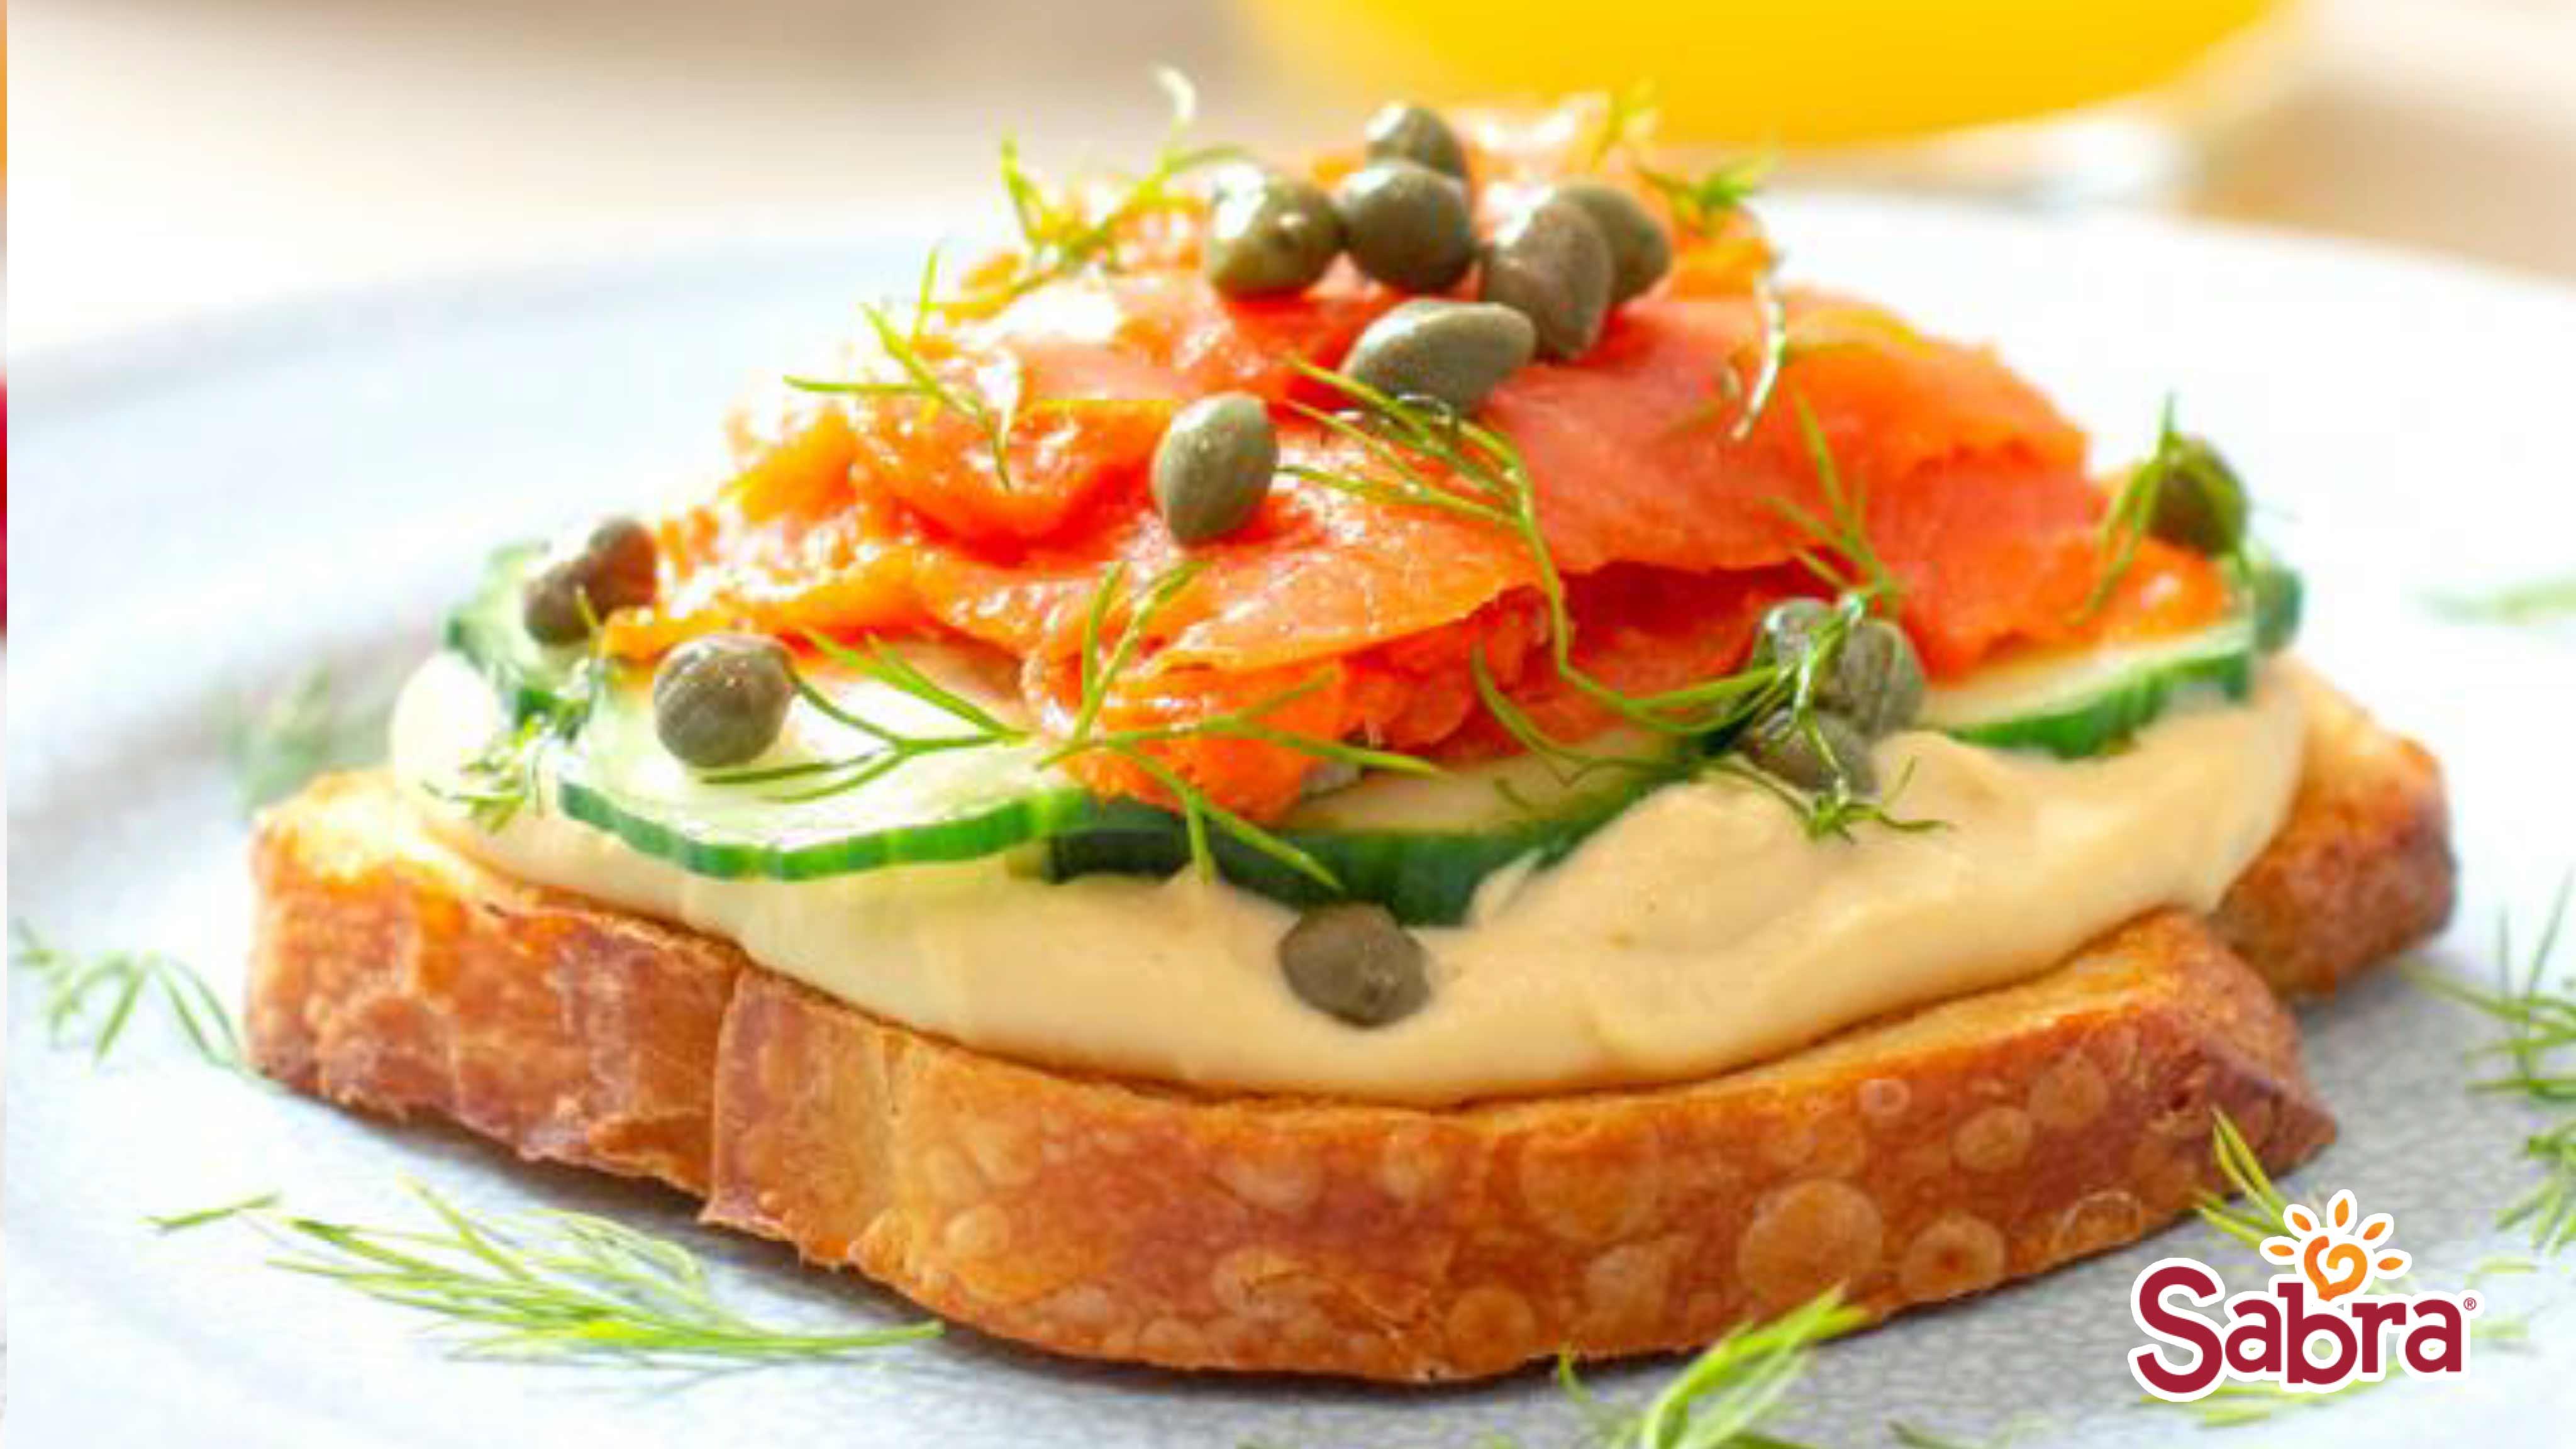 Image for Recipe Sabra Smoked Salmon Toast